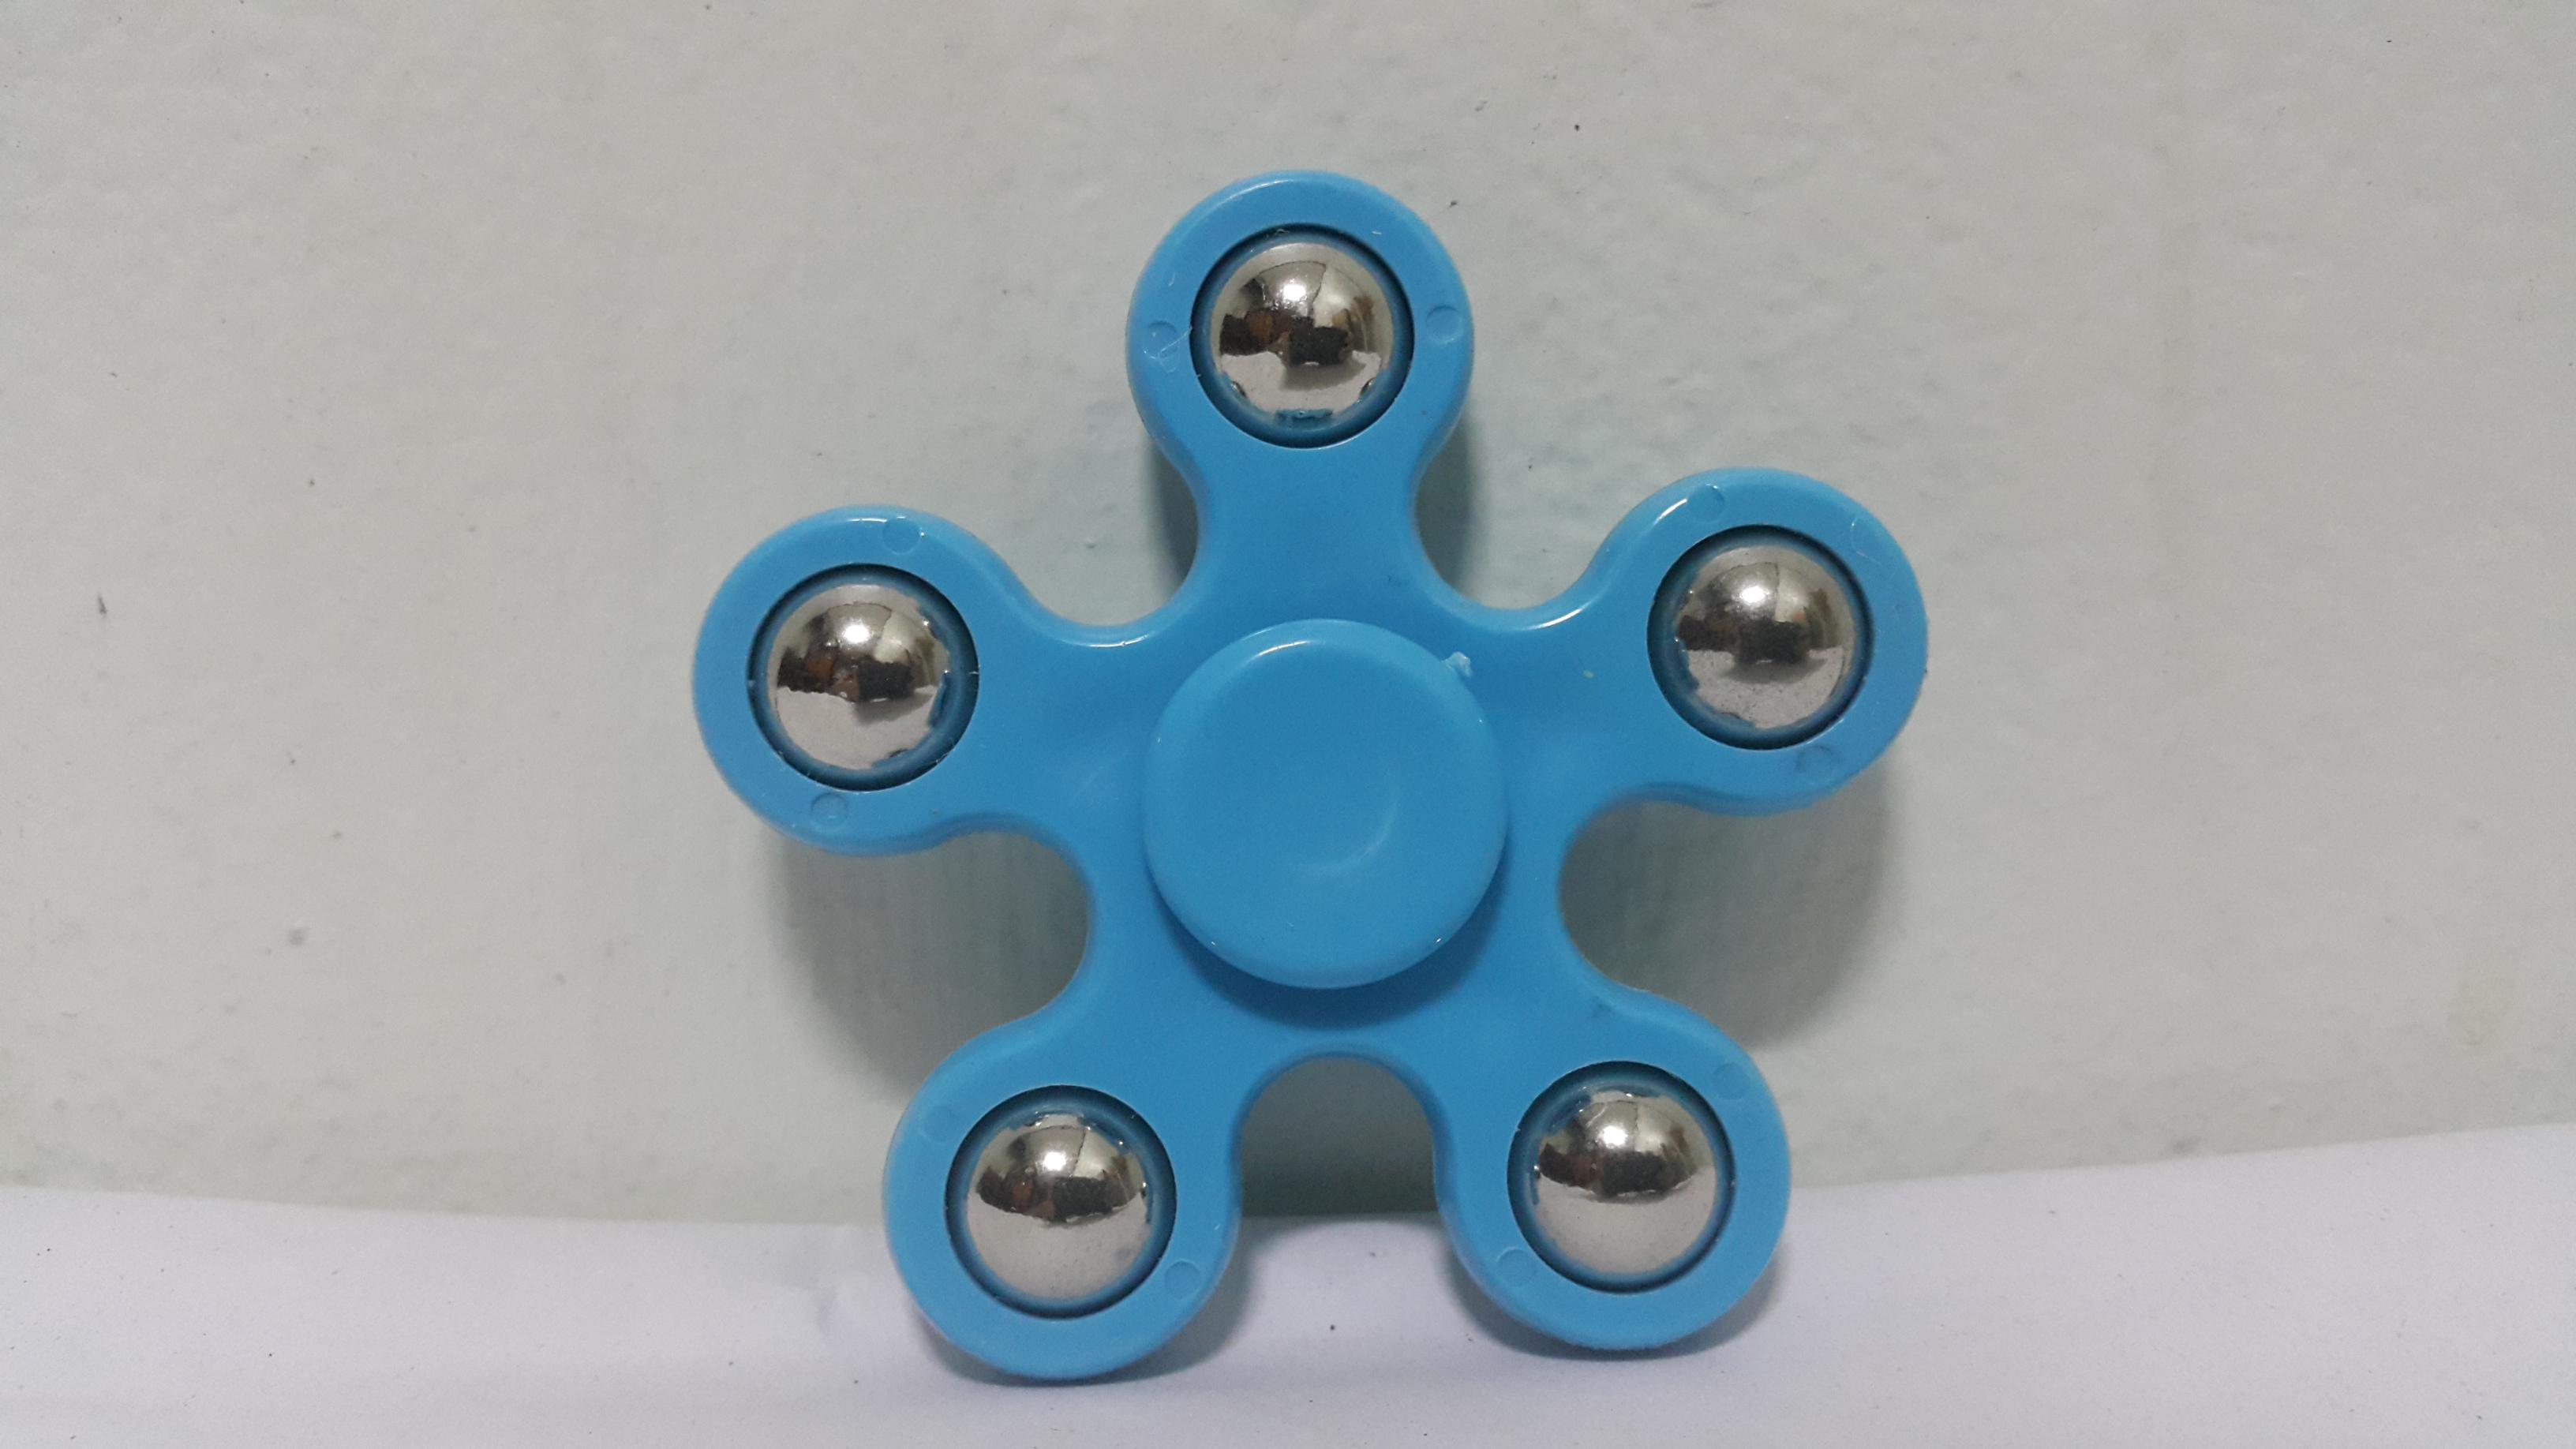 แฮนด์ สปินเนอร์ 5 แฉก (Hand Spinner) สีฟ้า